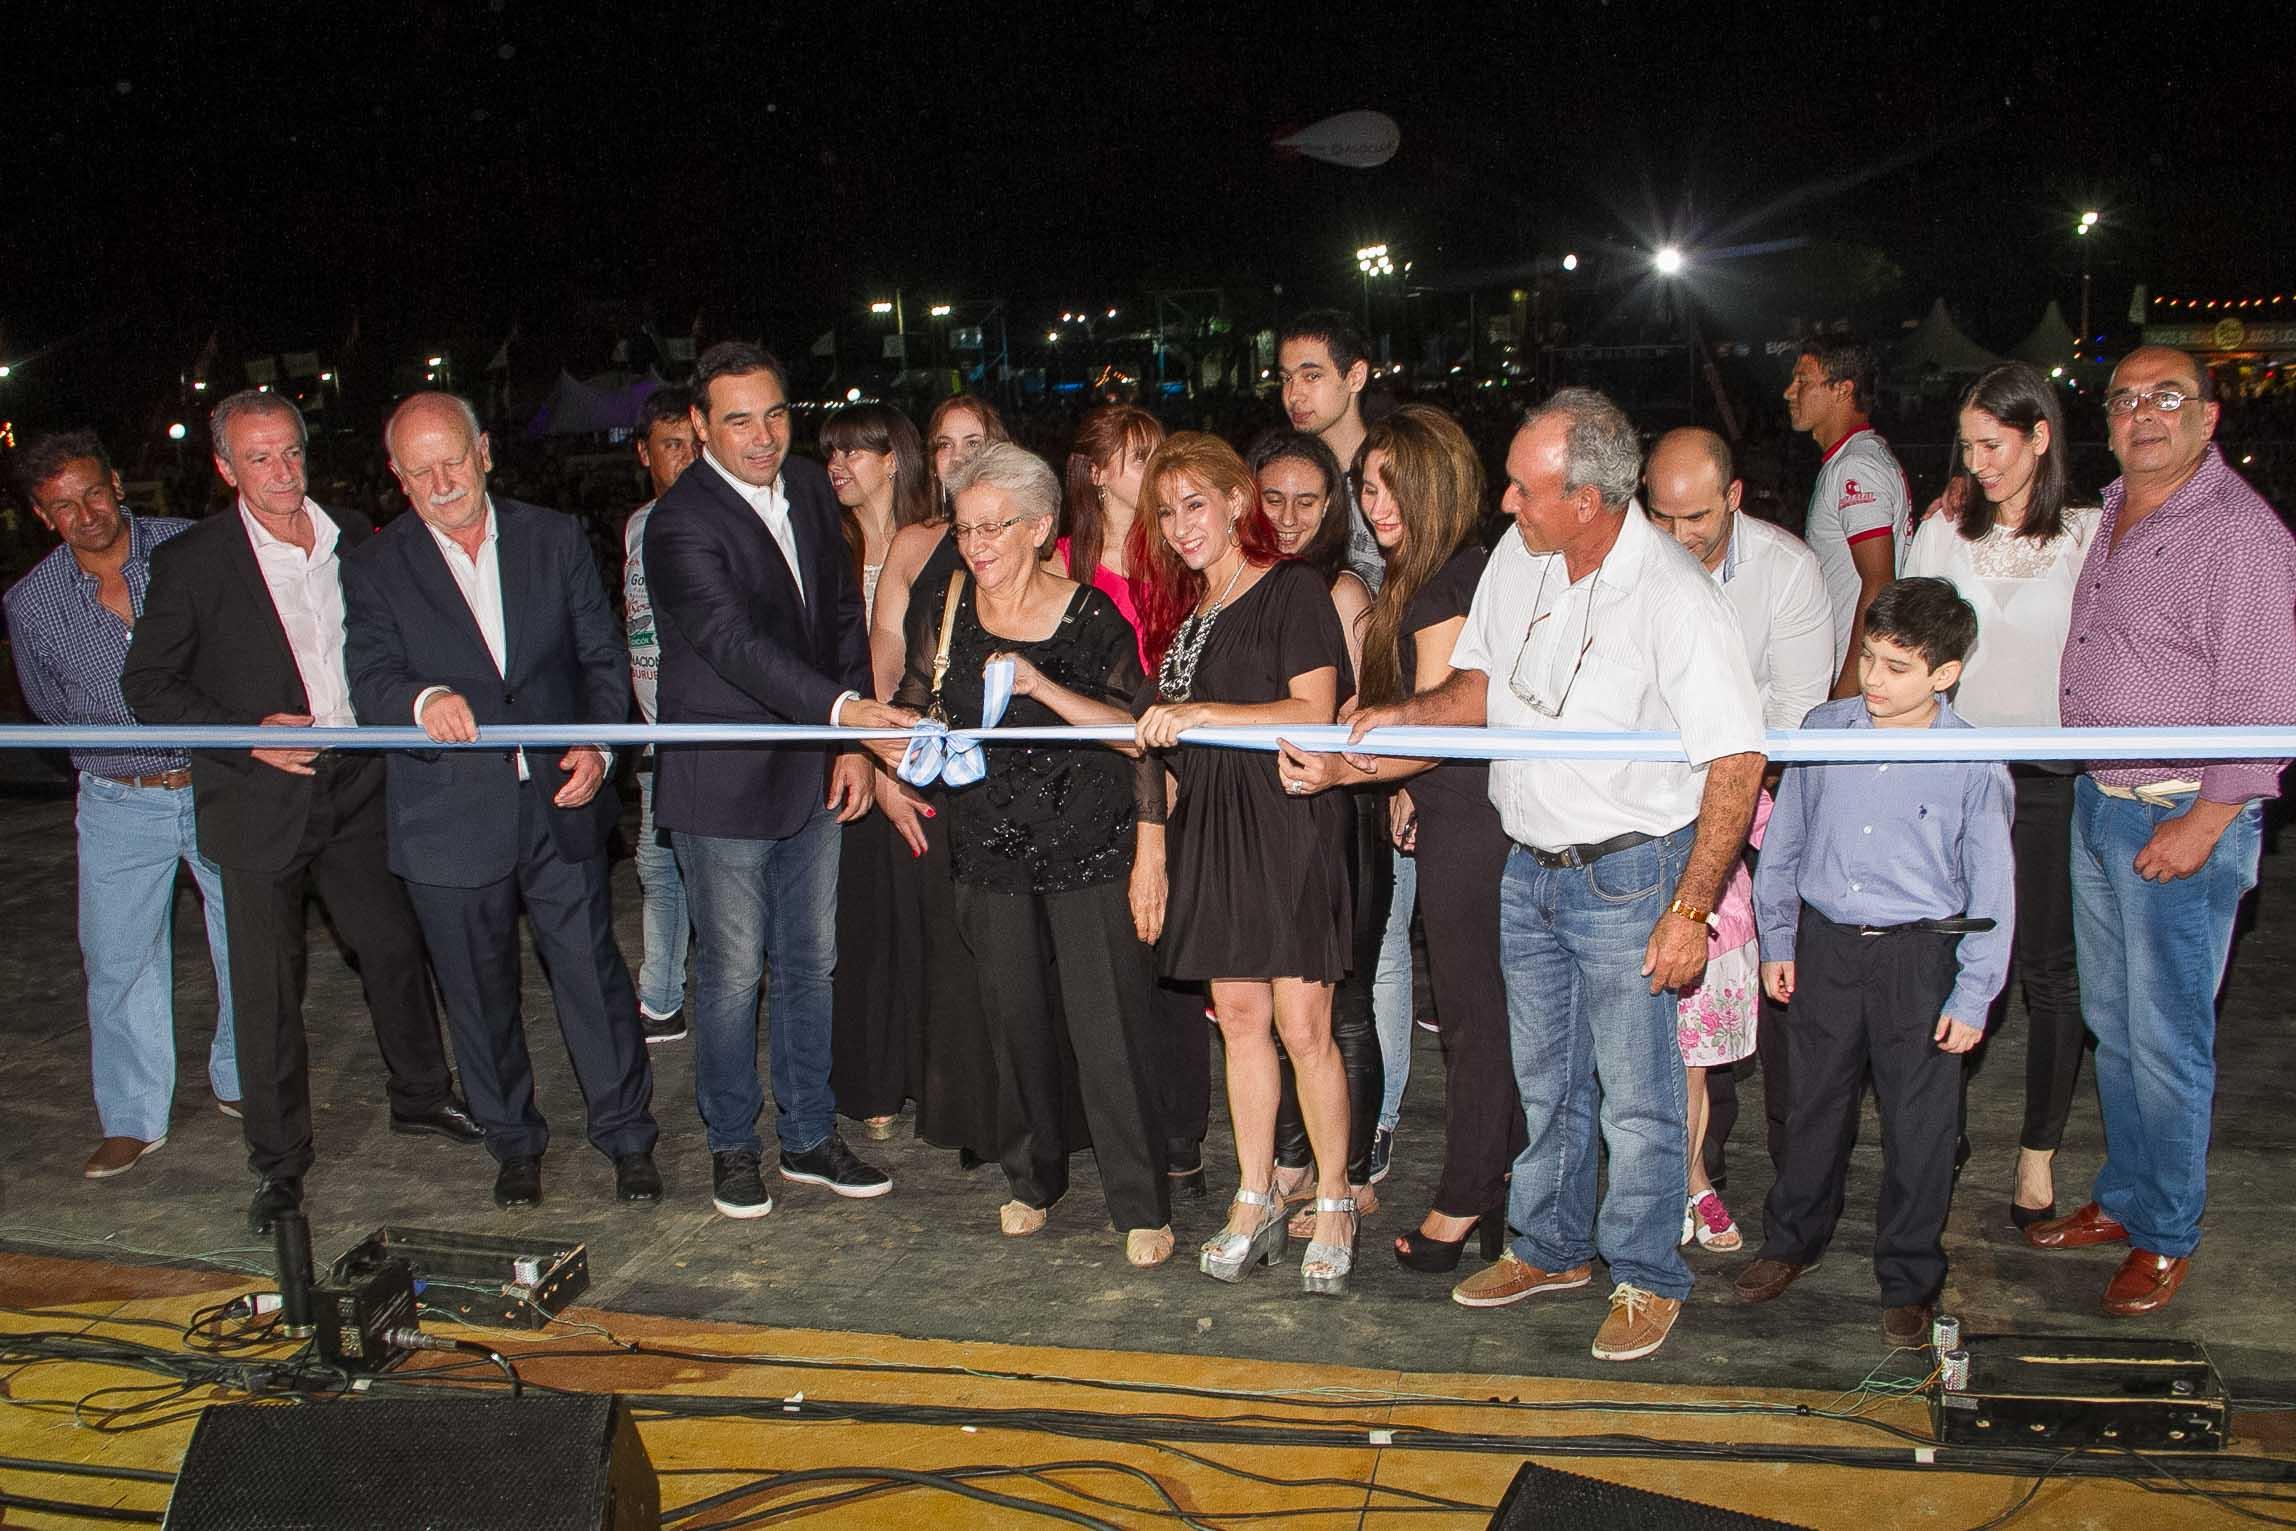 Valdés inauguró la 43° Fiesta Nacional de la Pesca del Surubí  con un mensaje de apoyo al turismo y al esfuerzo conjunto